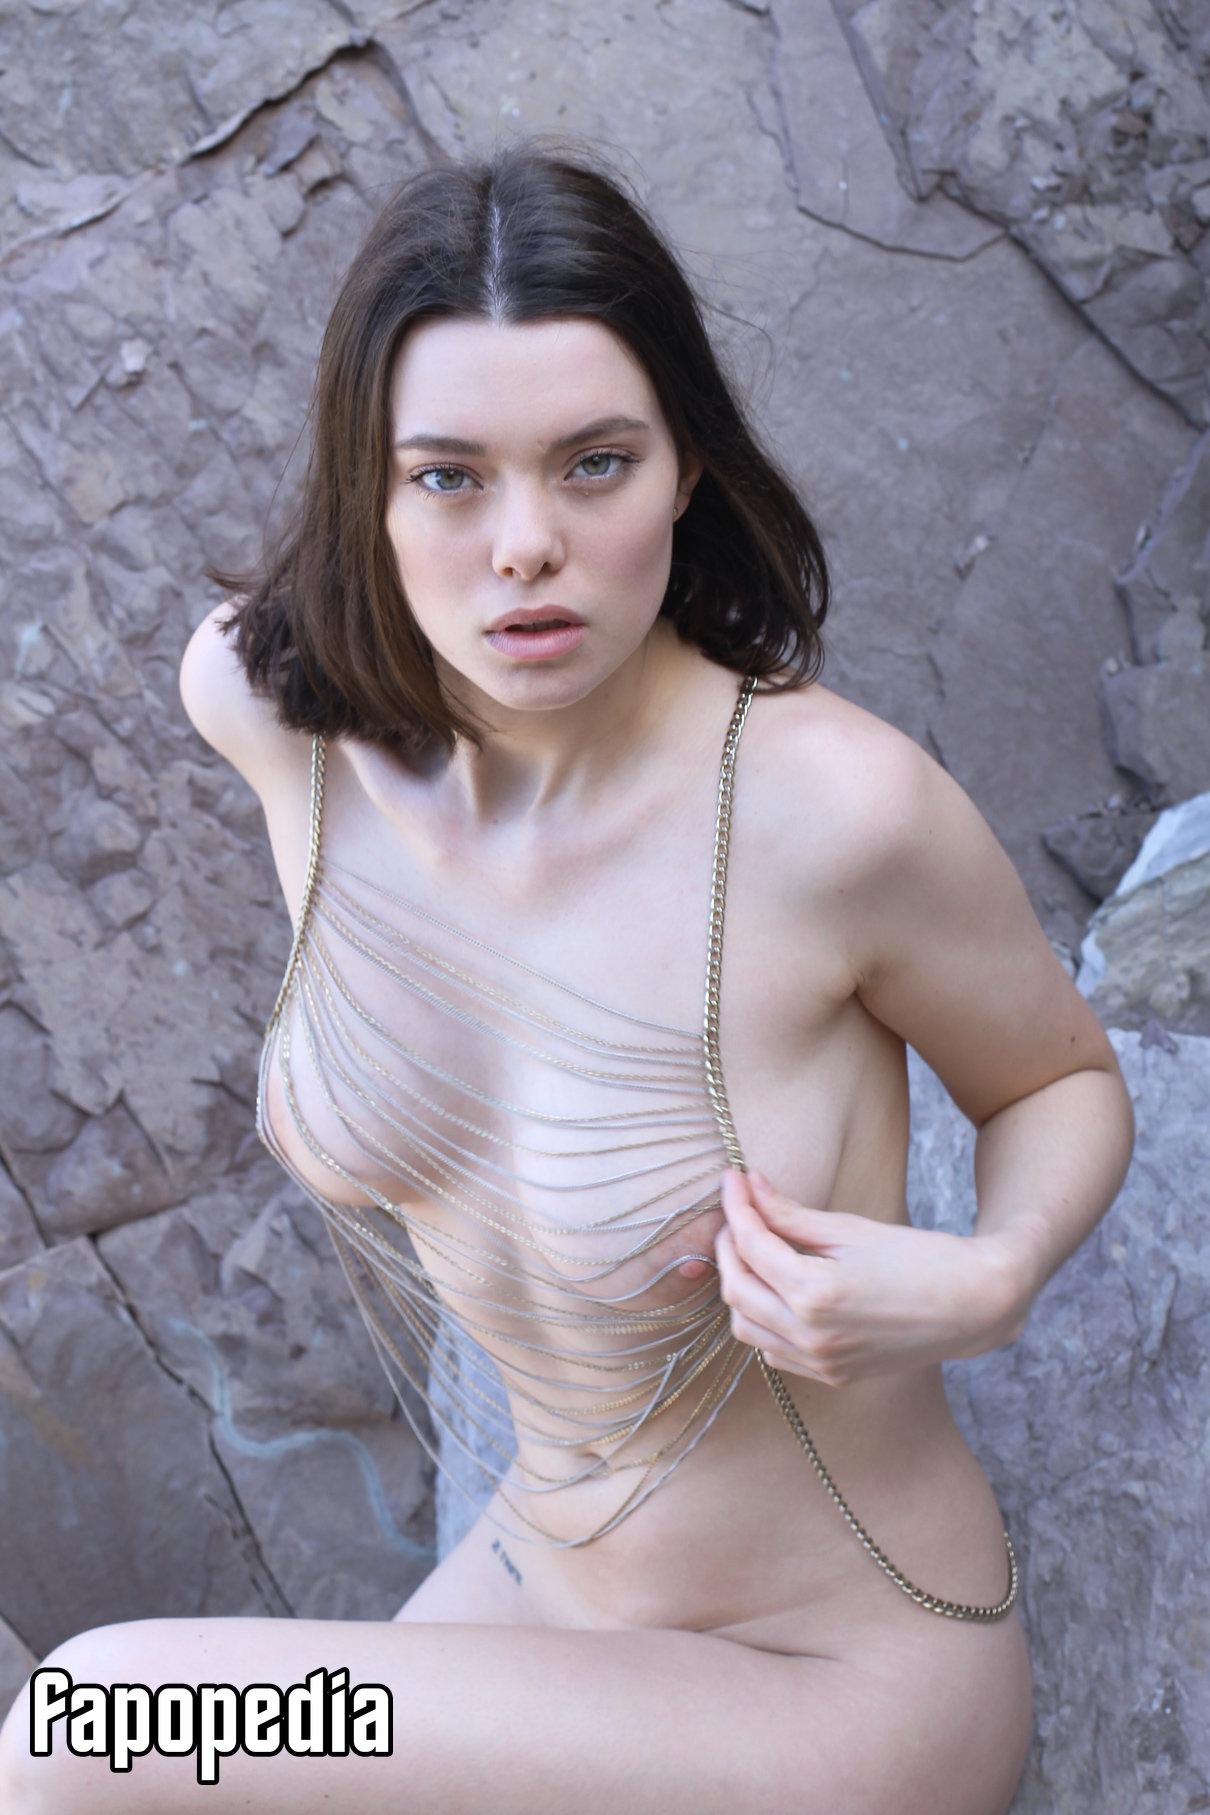 Laura Chirol Nude Leaks